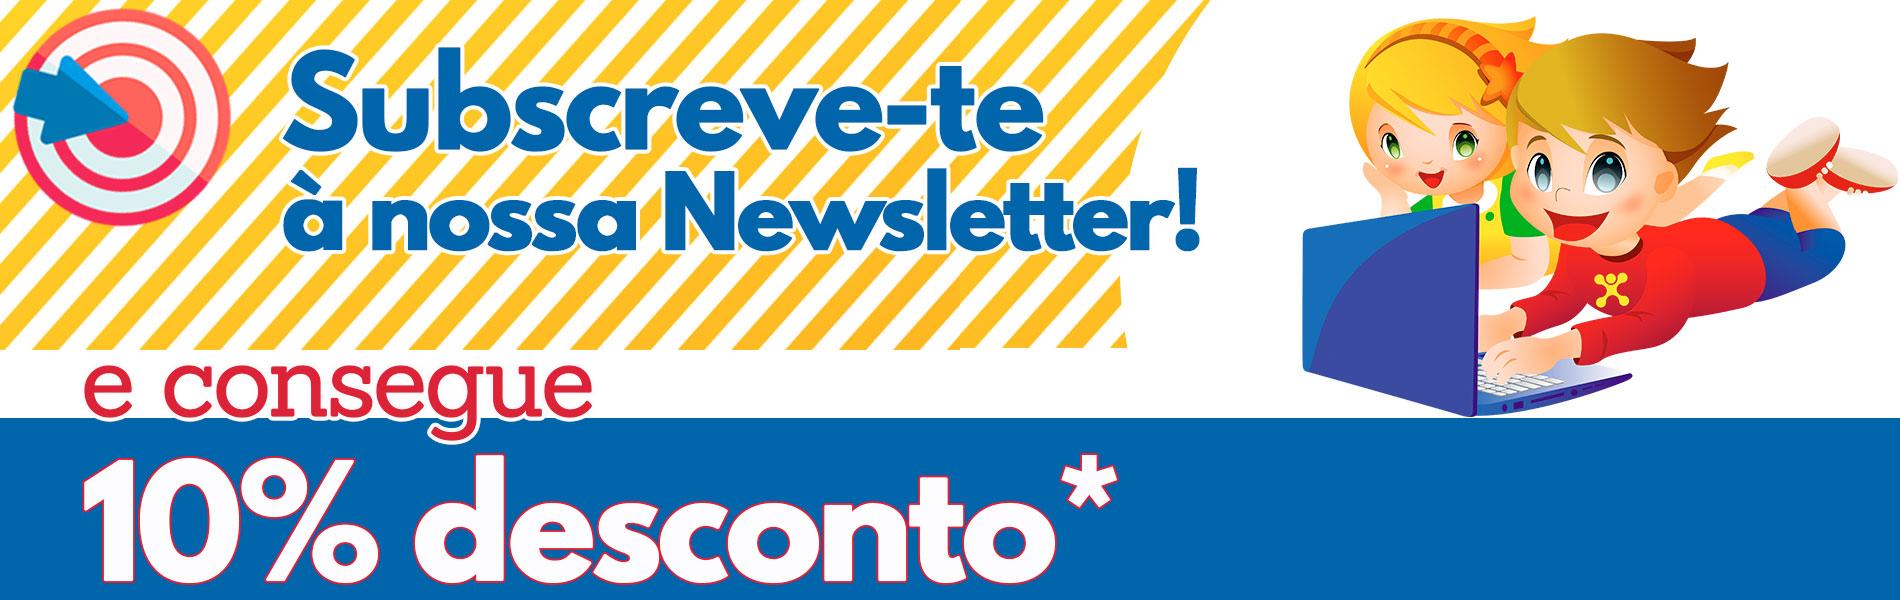 campaña newsletter PT